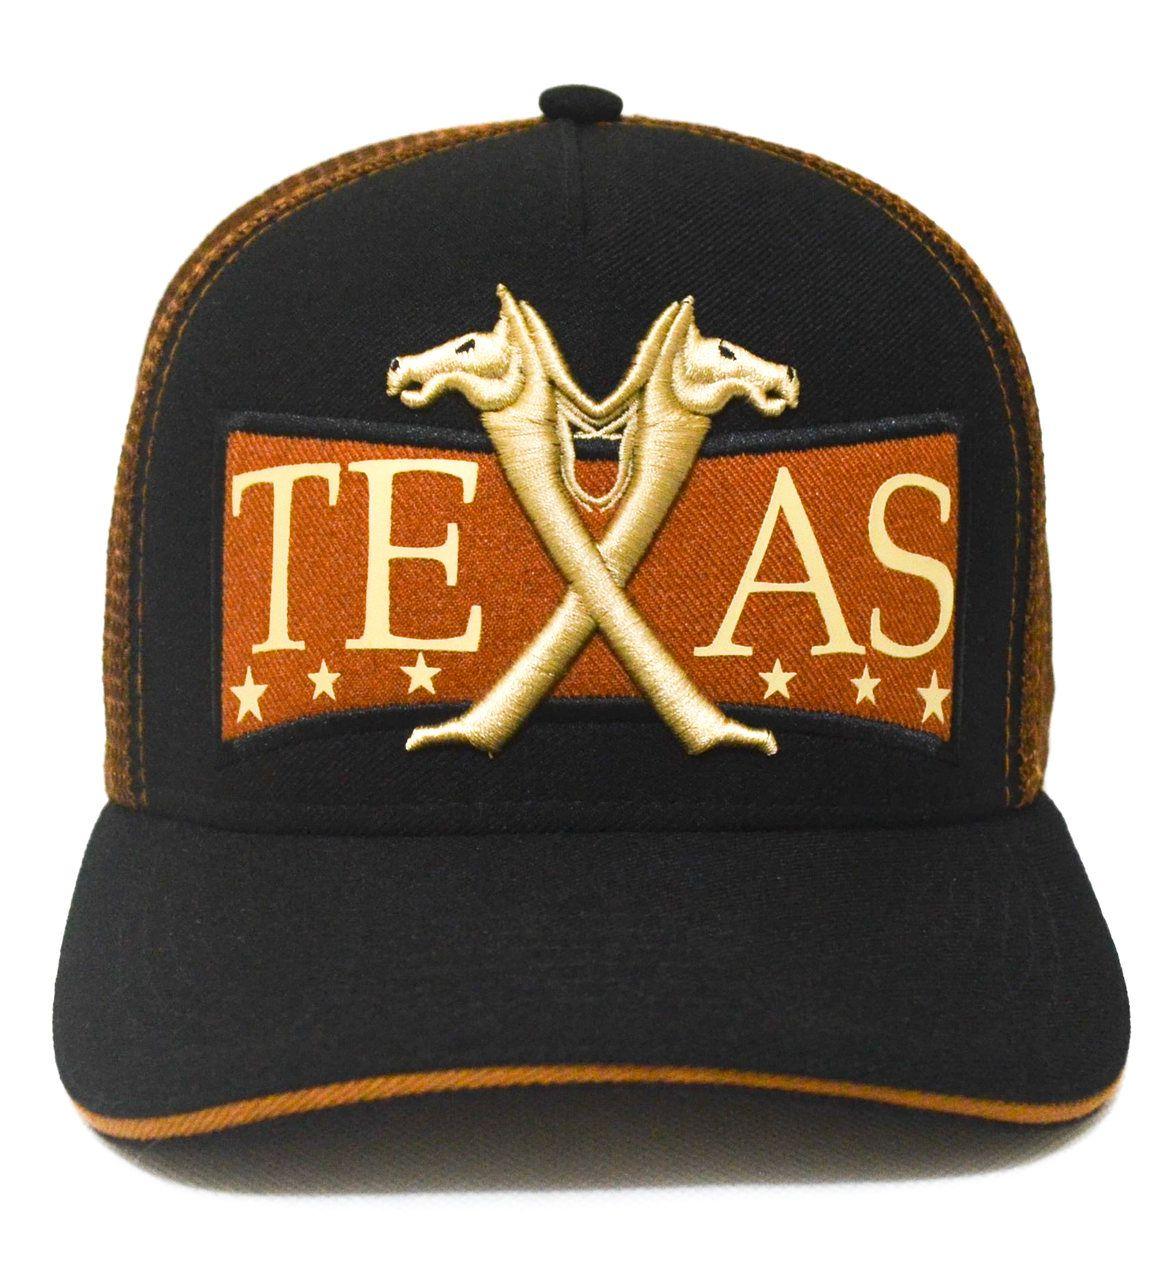 ae5ab383361c2 Boné Country Texas Aba Curva Preto e Dourado Queimado Feminino Masculino